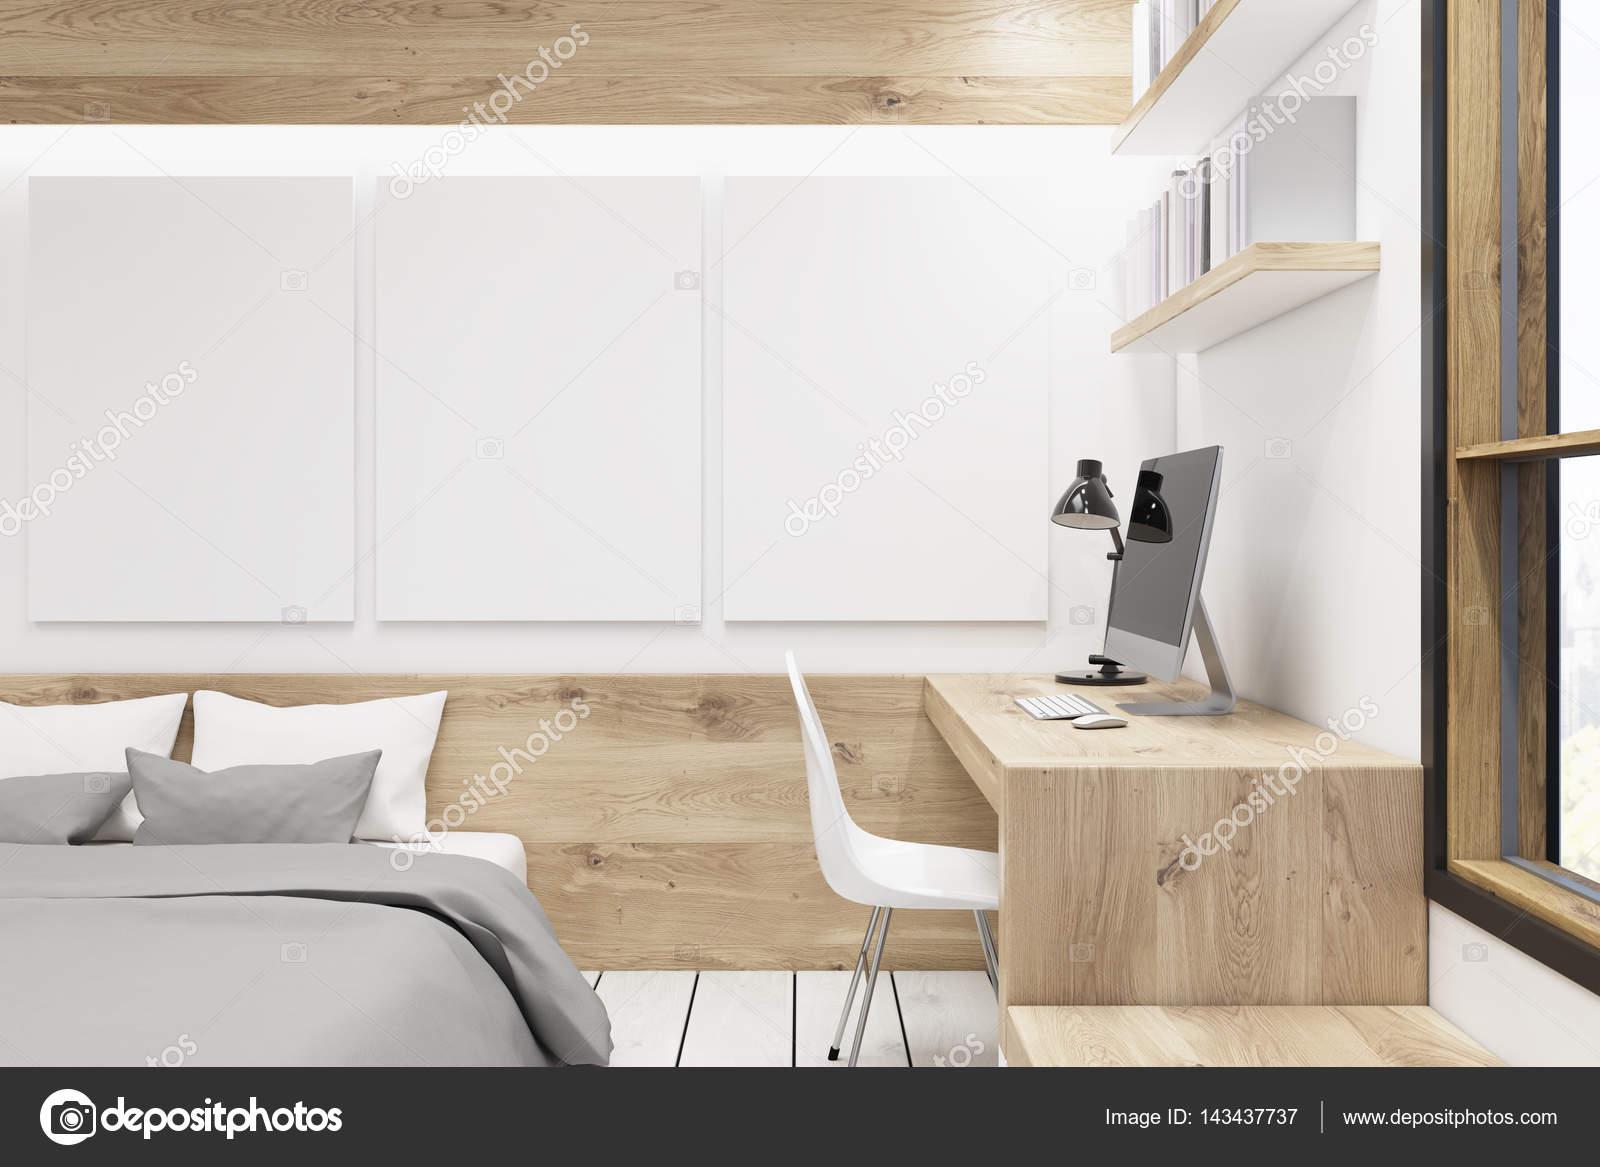 Schlafzimmer Mit Bildergalerie U2014 Stockfoto